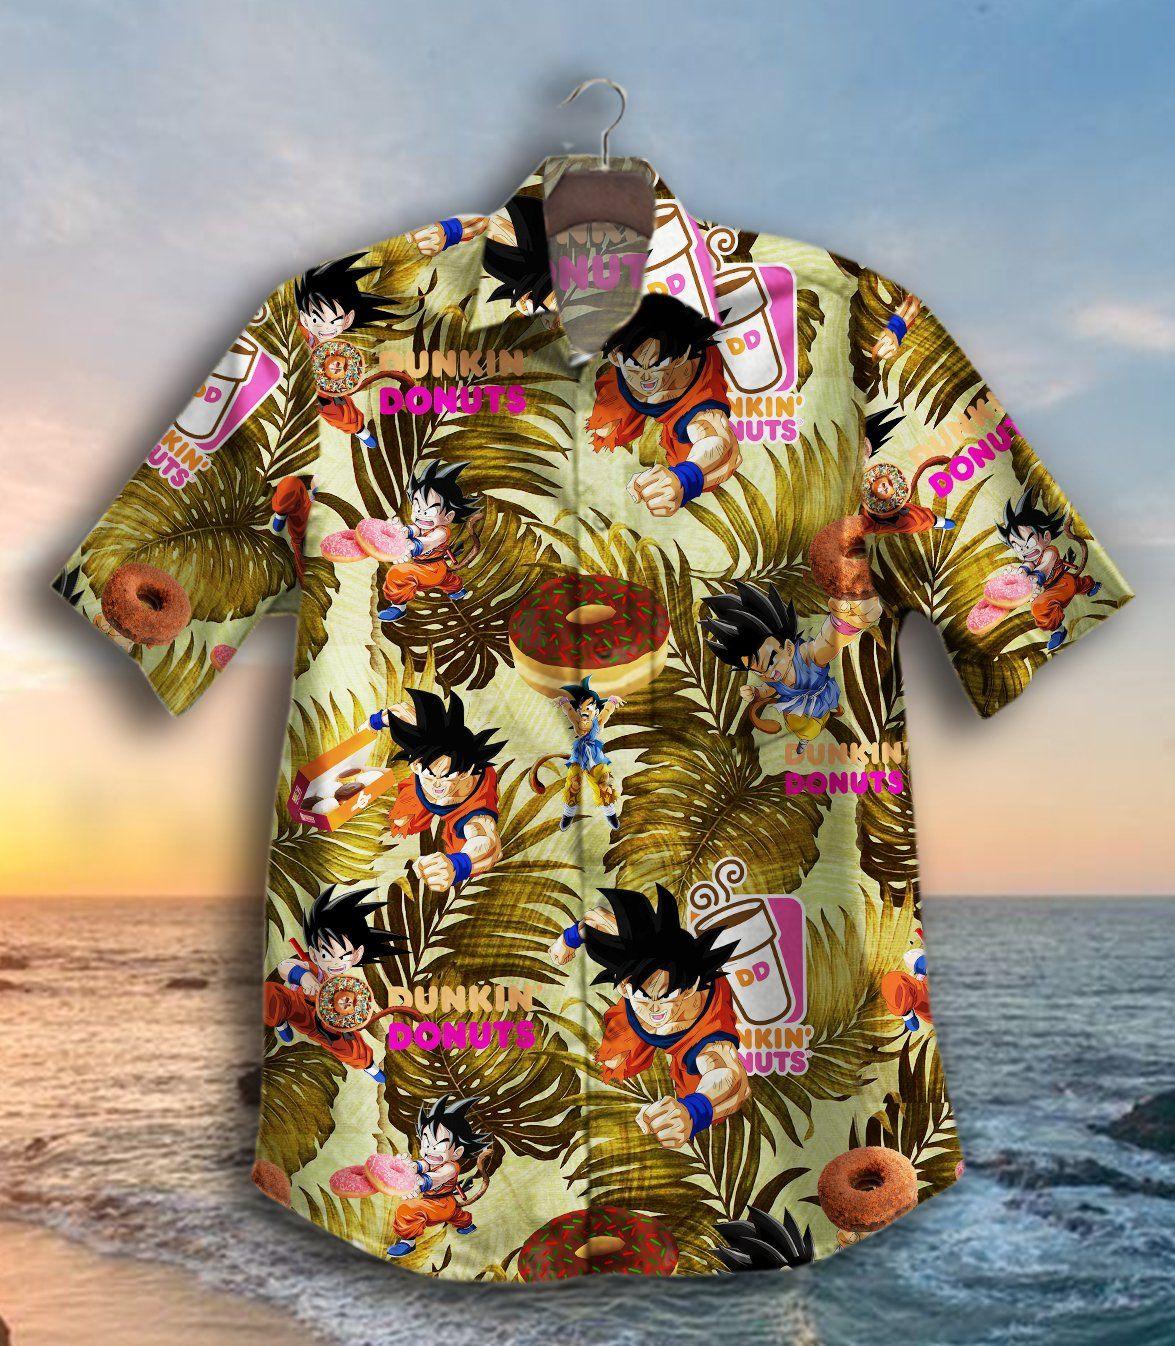 Son Goku Dunkin Donuts Hawaiian Shirt Summer Shirt Button Up Shirt